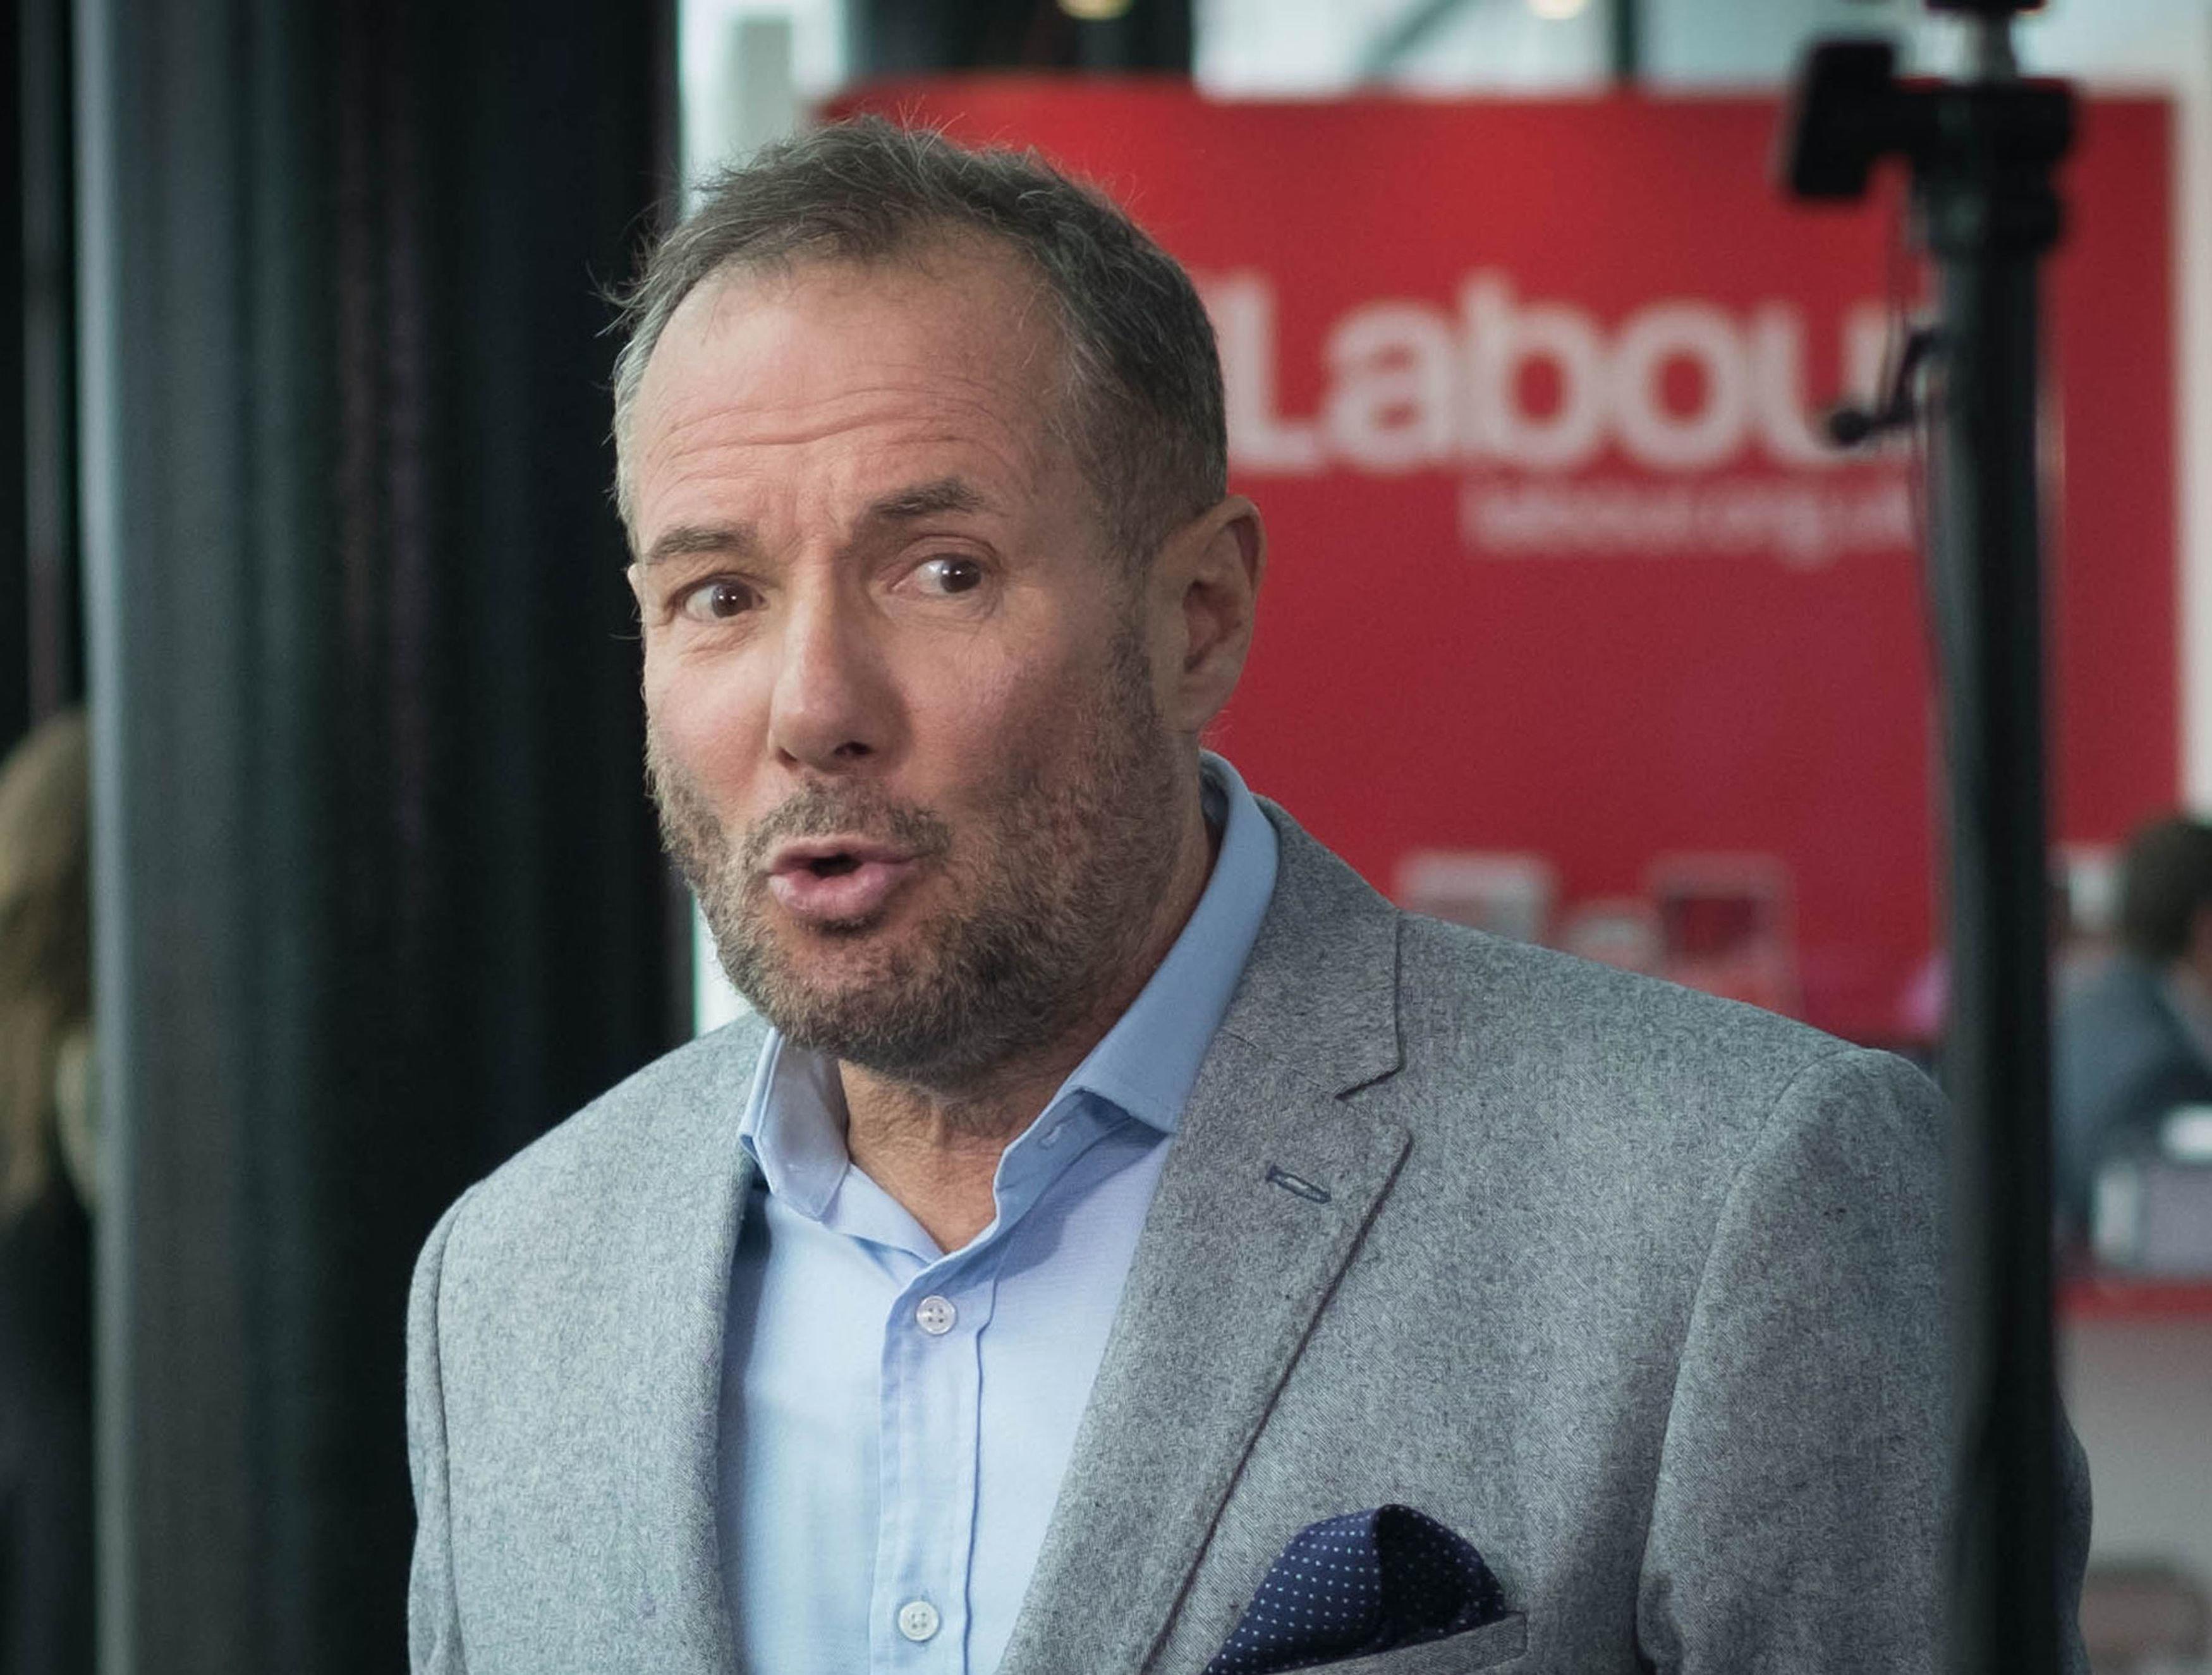 Derek Hatton Brands Labour Splitters 'Pathetic' As He Rejoins Party After 34